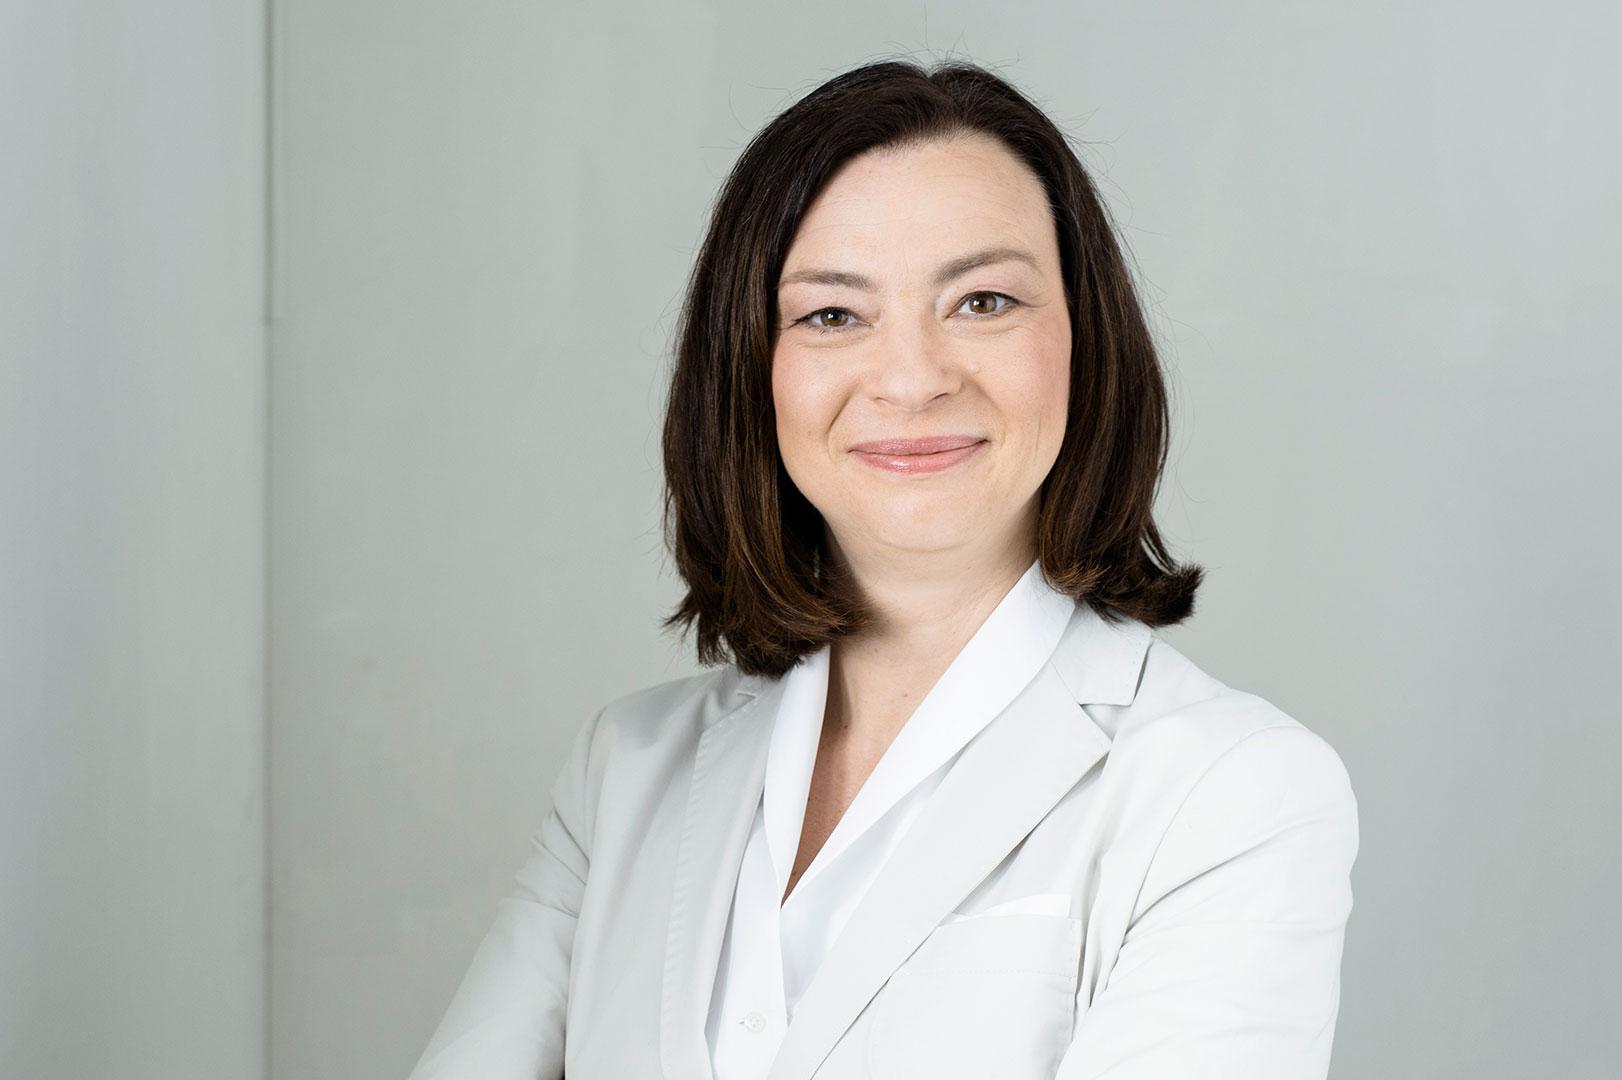 Corinna Schöps